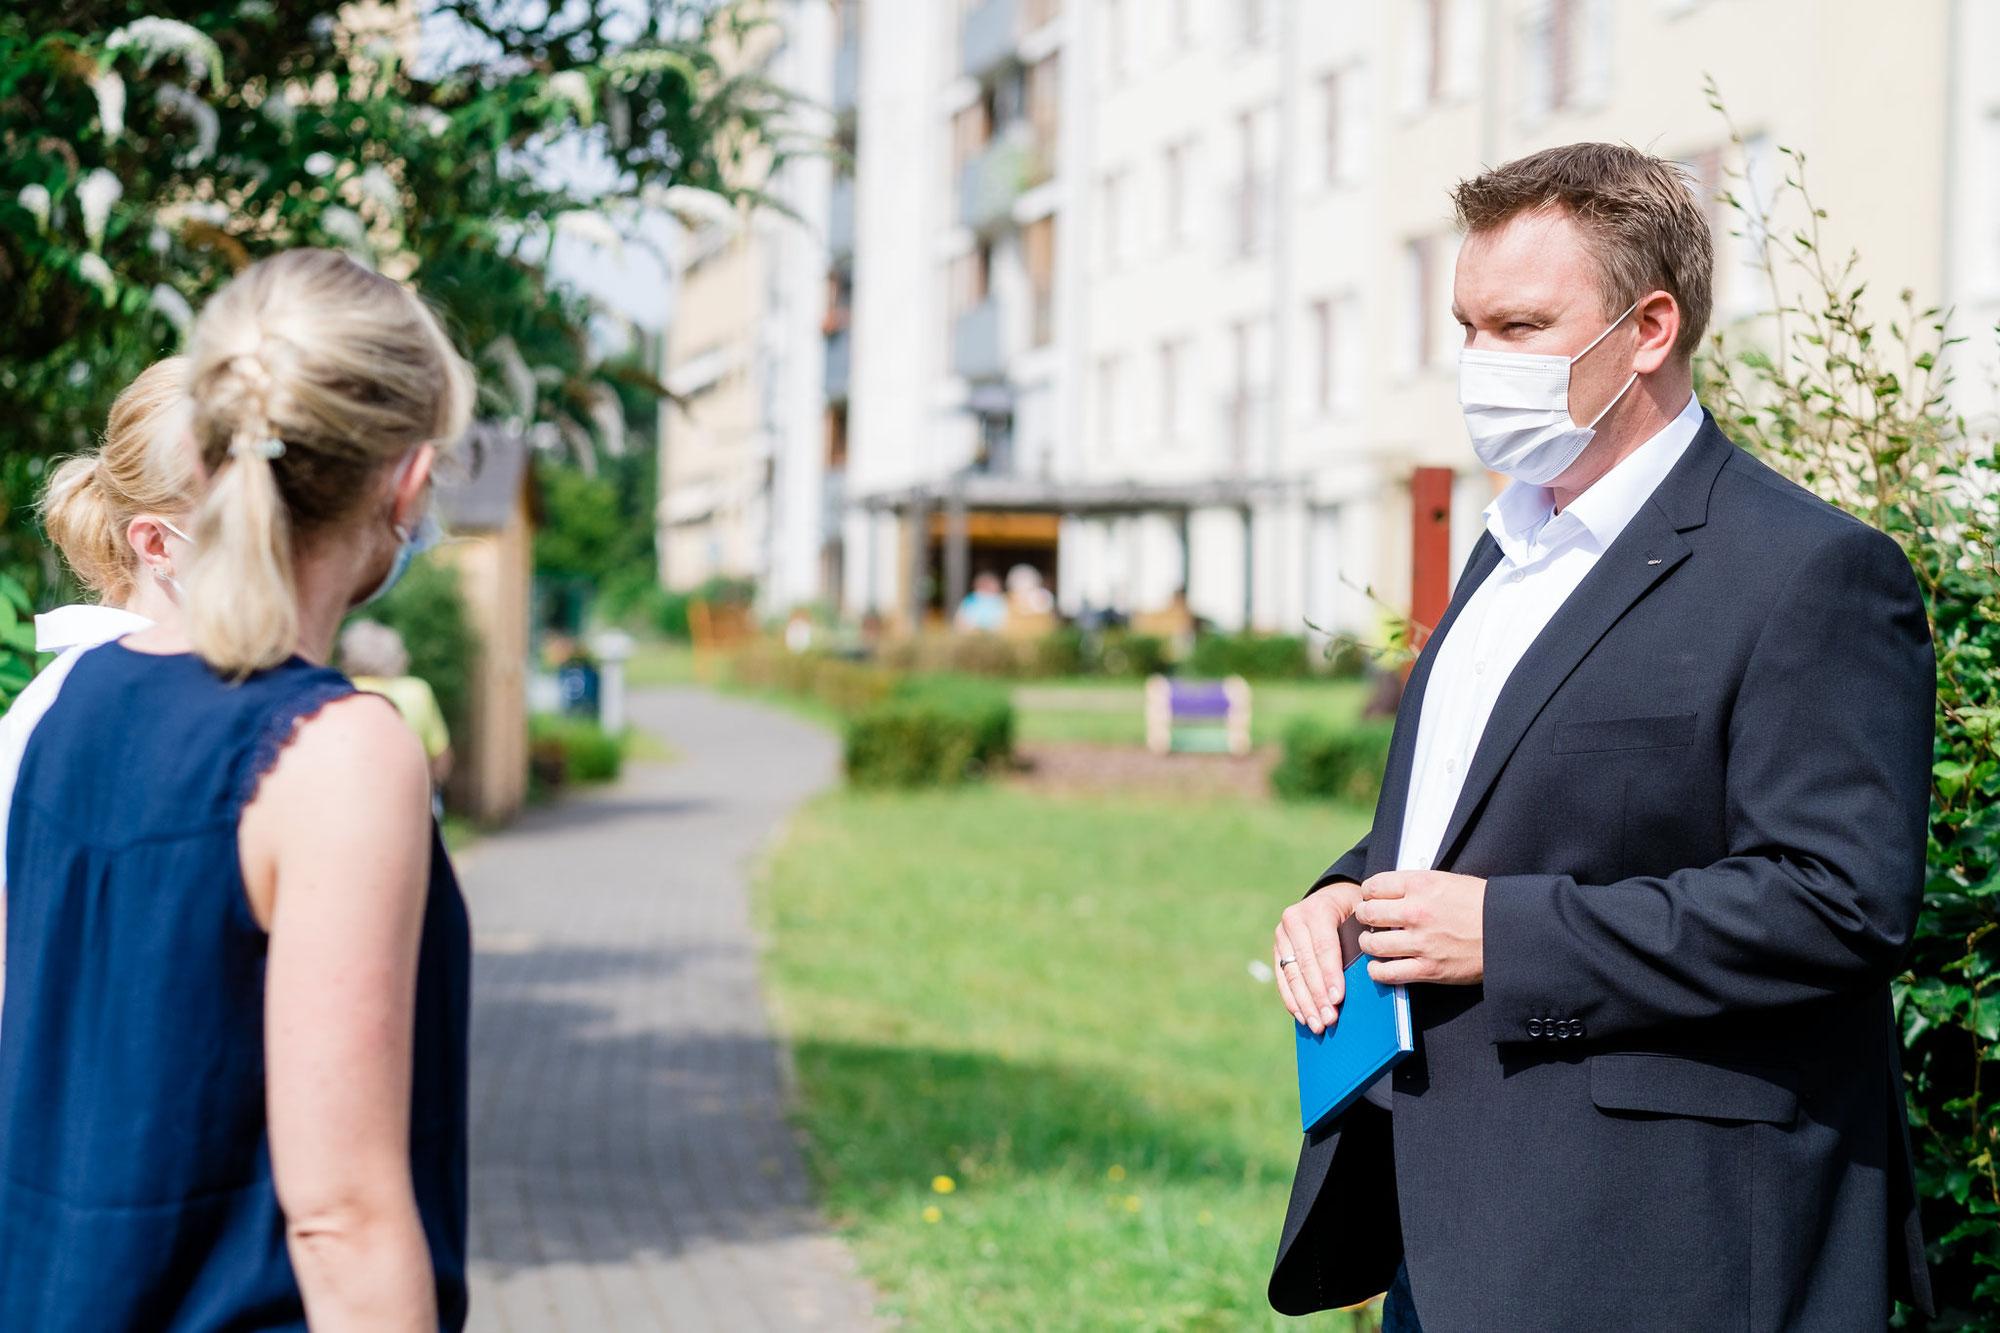 #Tegtmeier: Stadtgesellschaft unterstützen